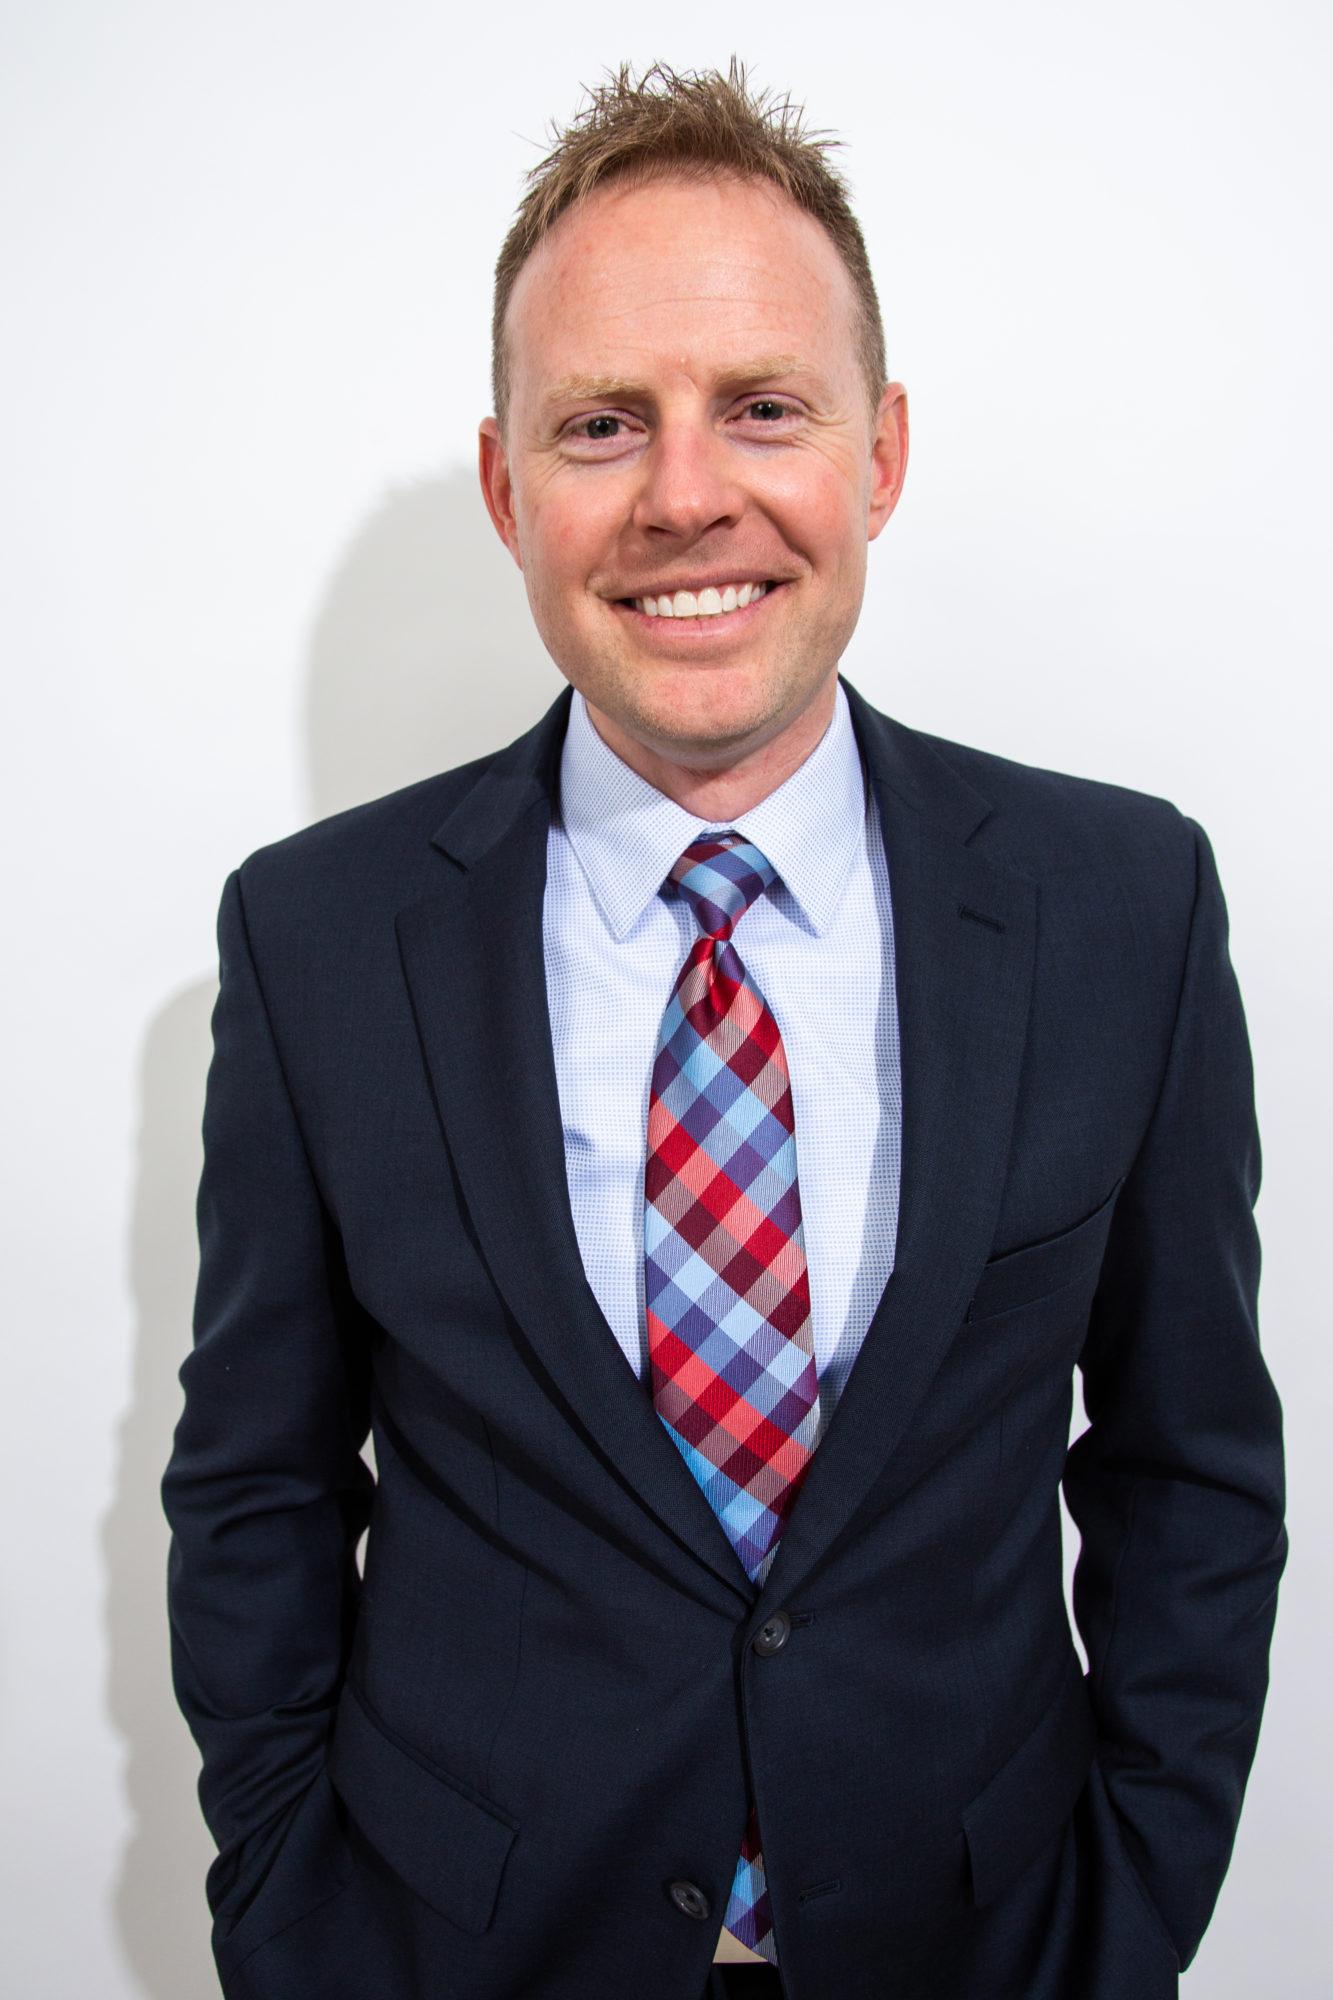 Matt Warner | 2020 SAMYS